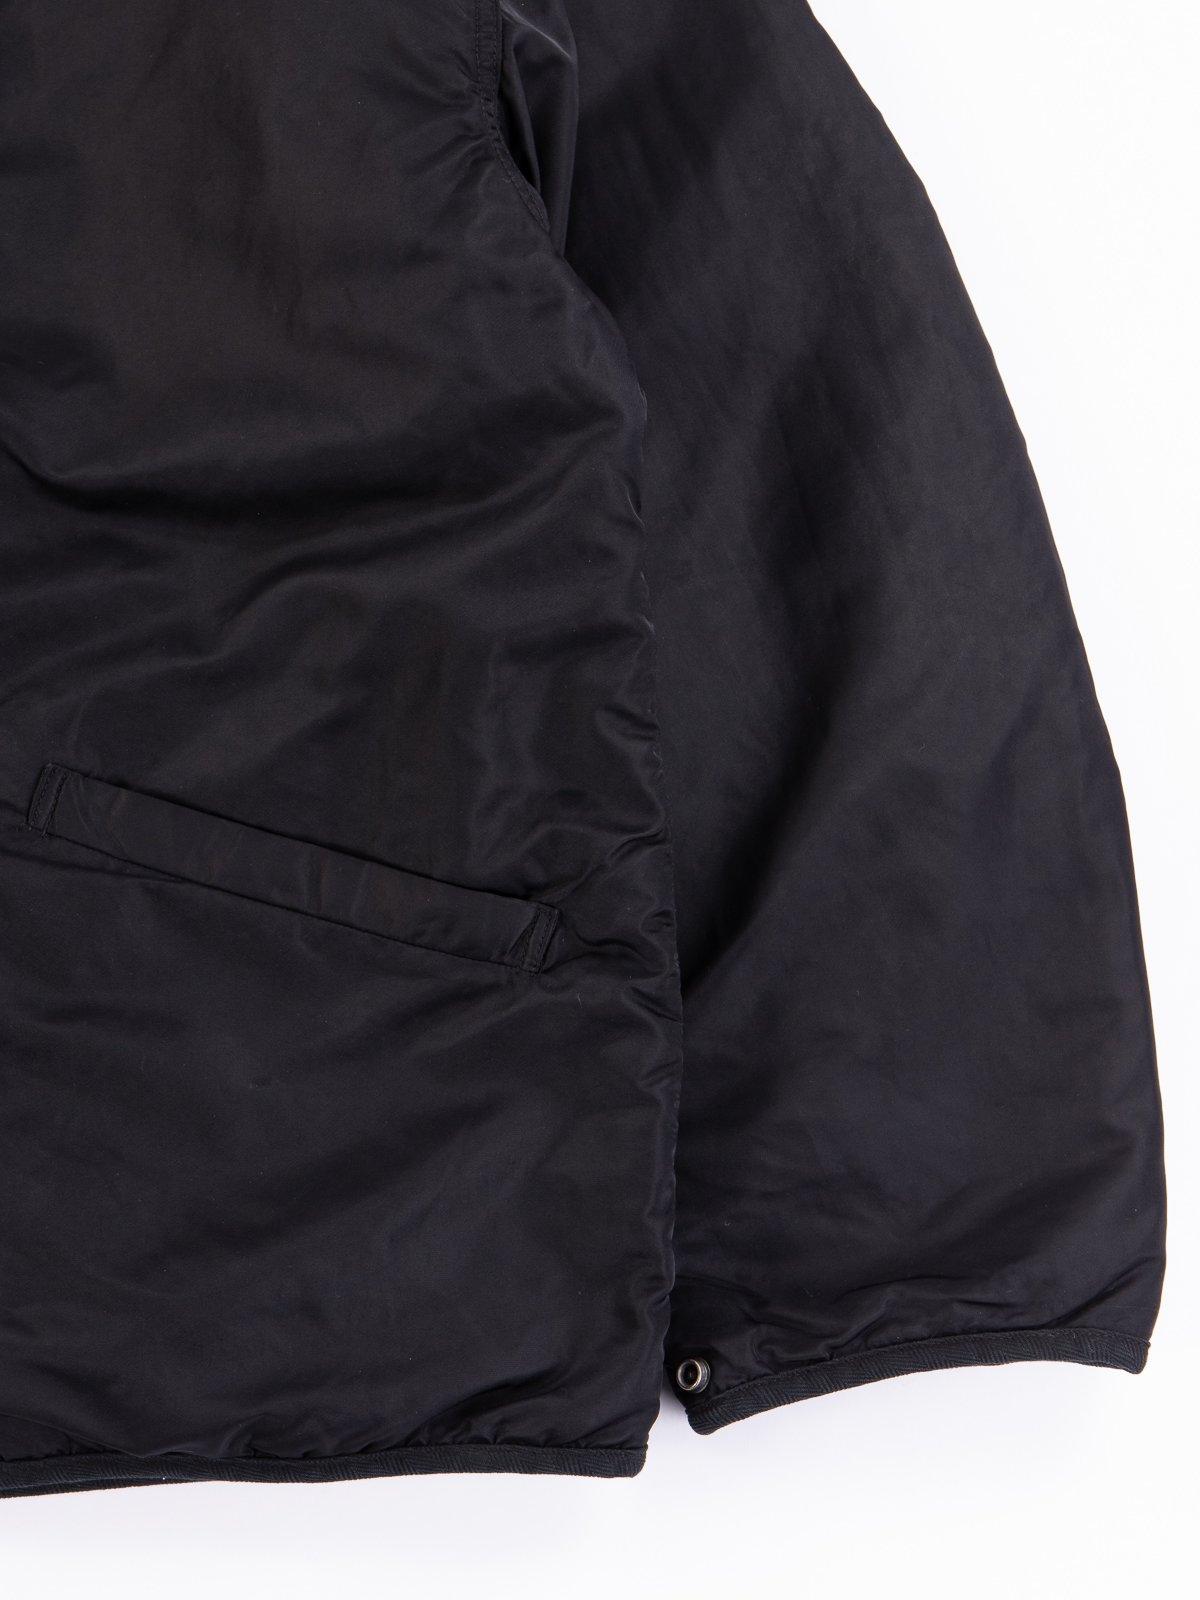 Black Iris Liner Jacket - Image 3